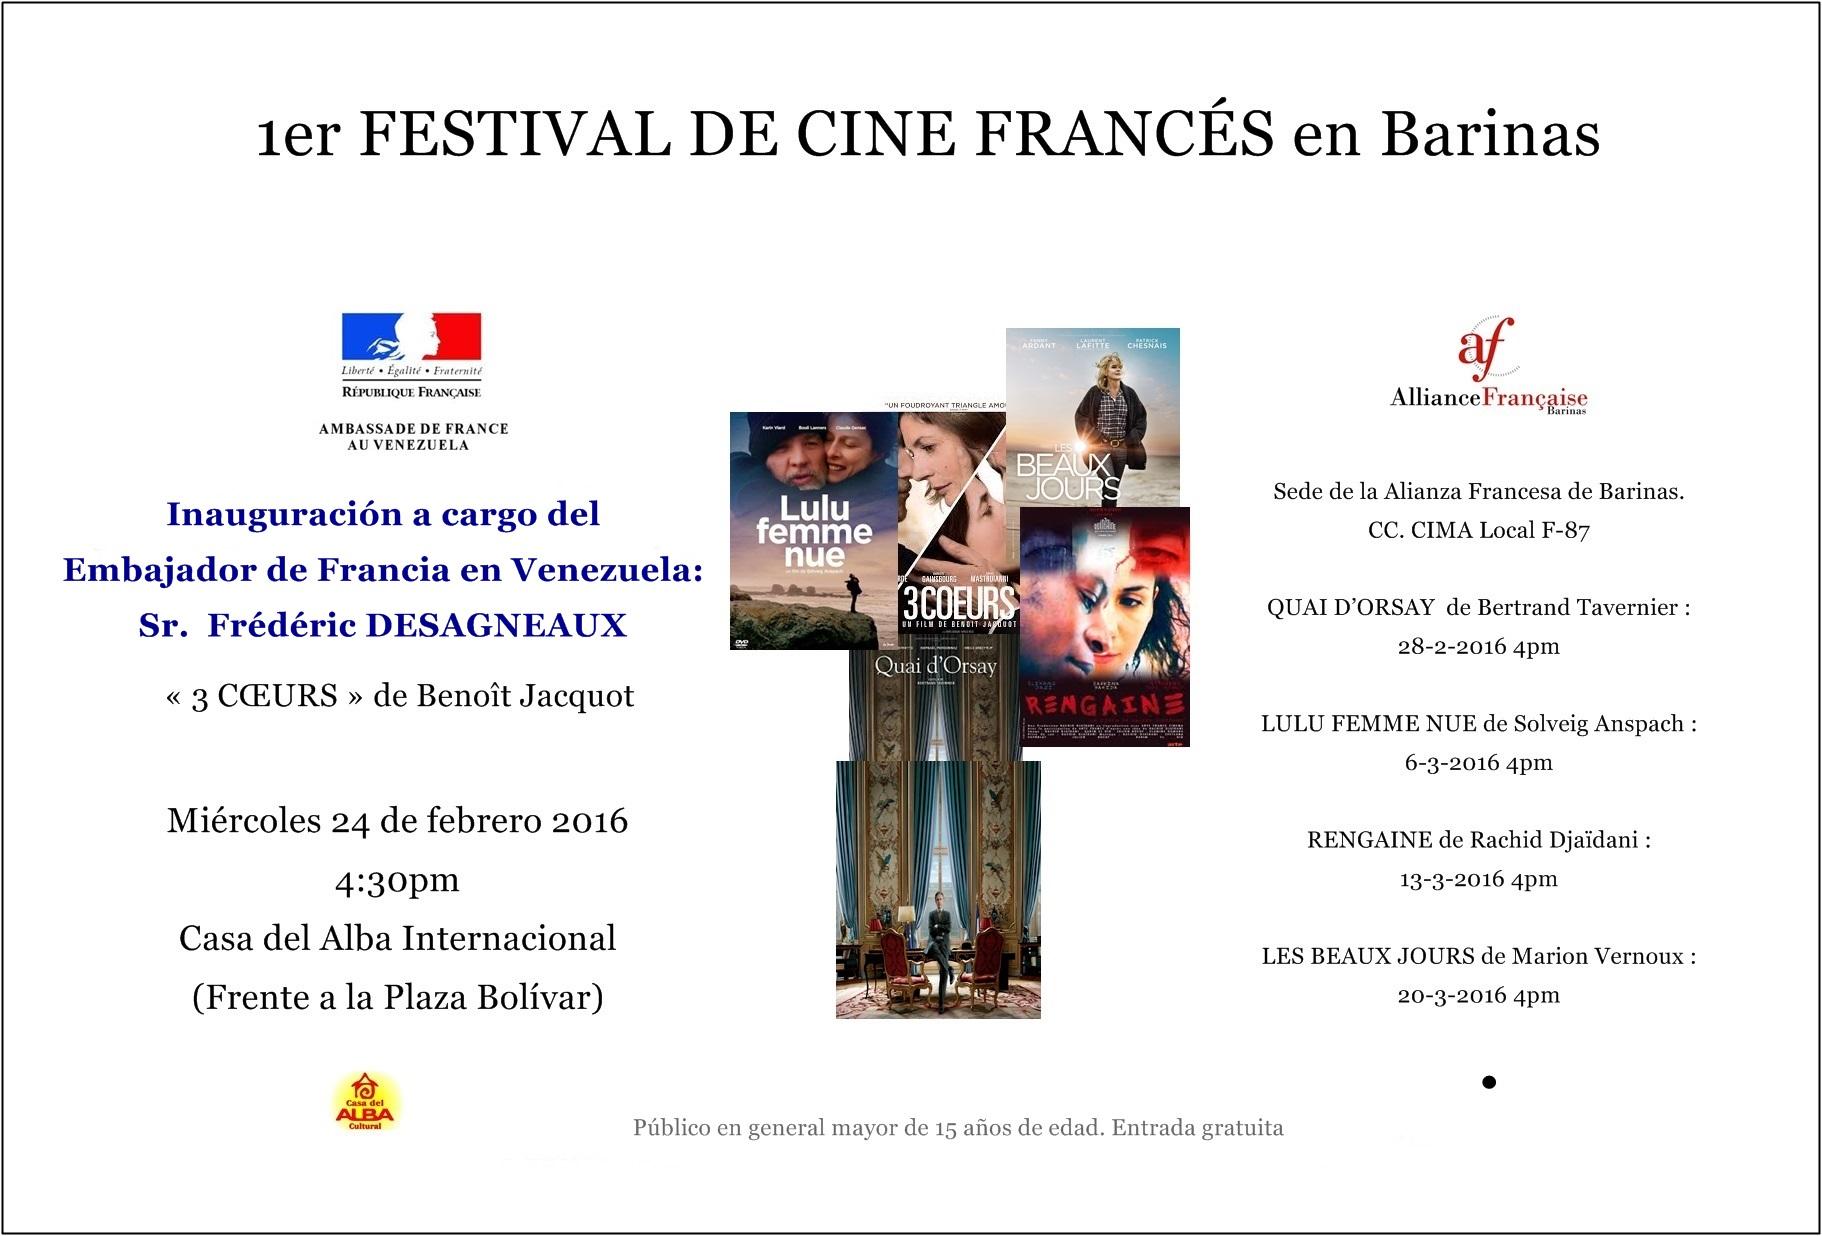 1er-FESTIVAL-DE-CINE-FRANCES-BARINAS